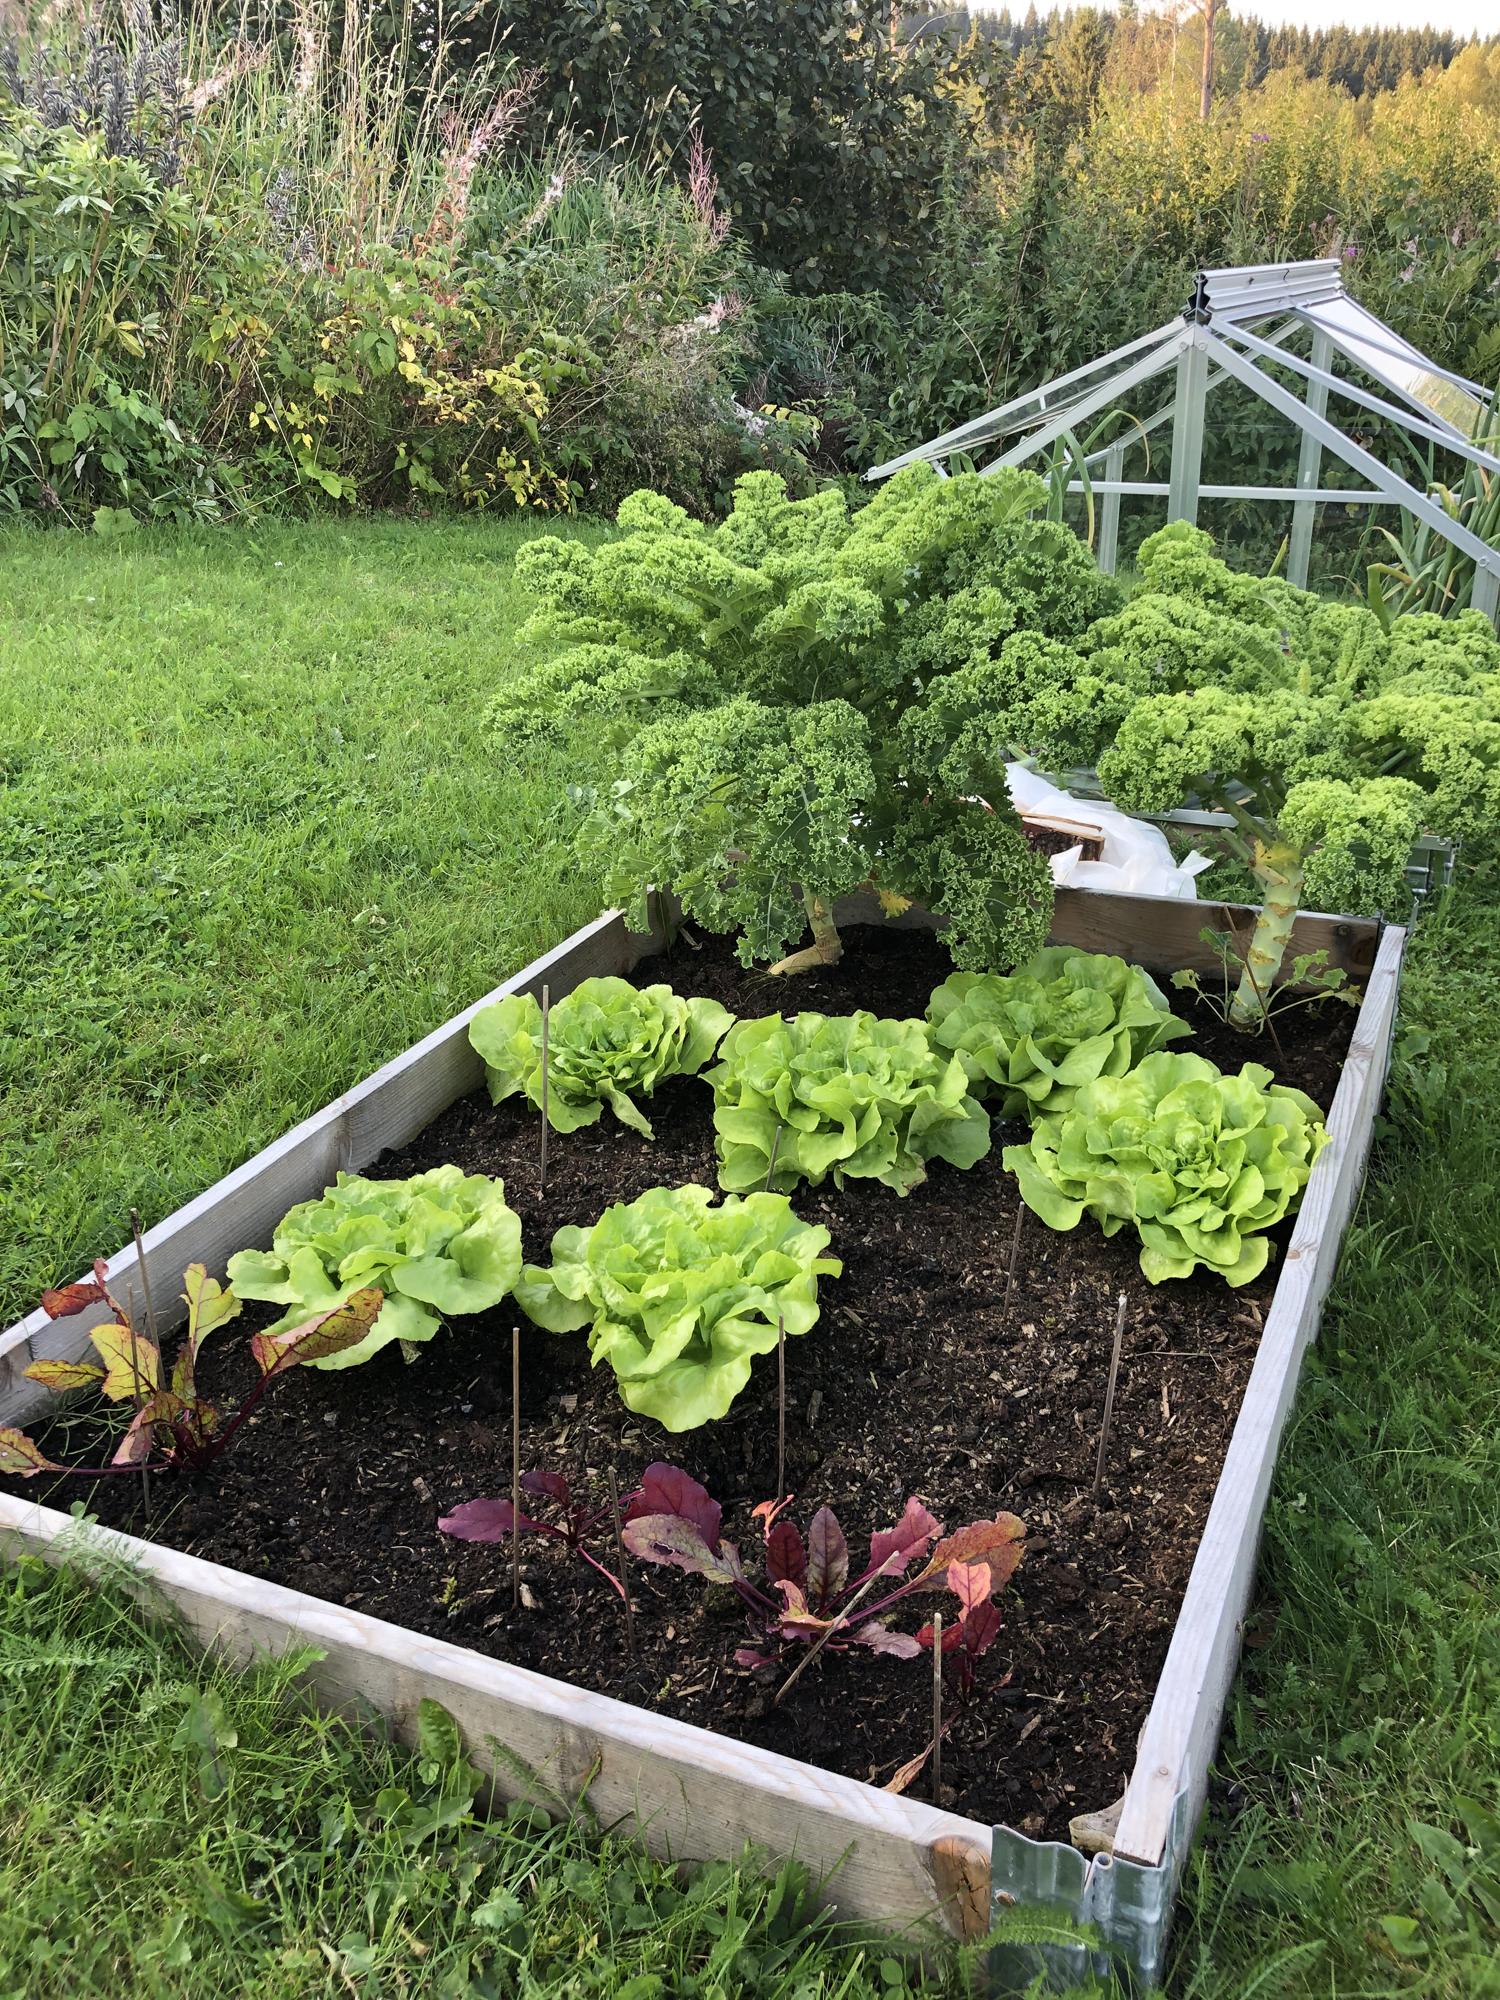 rødbeter, salat og grønnkål i pallekarm